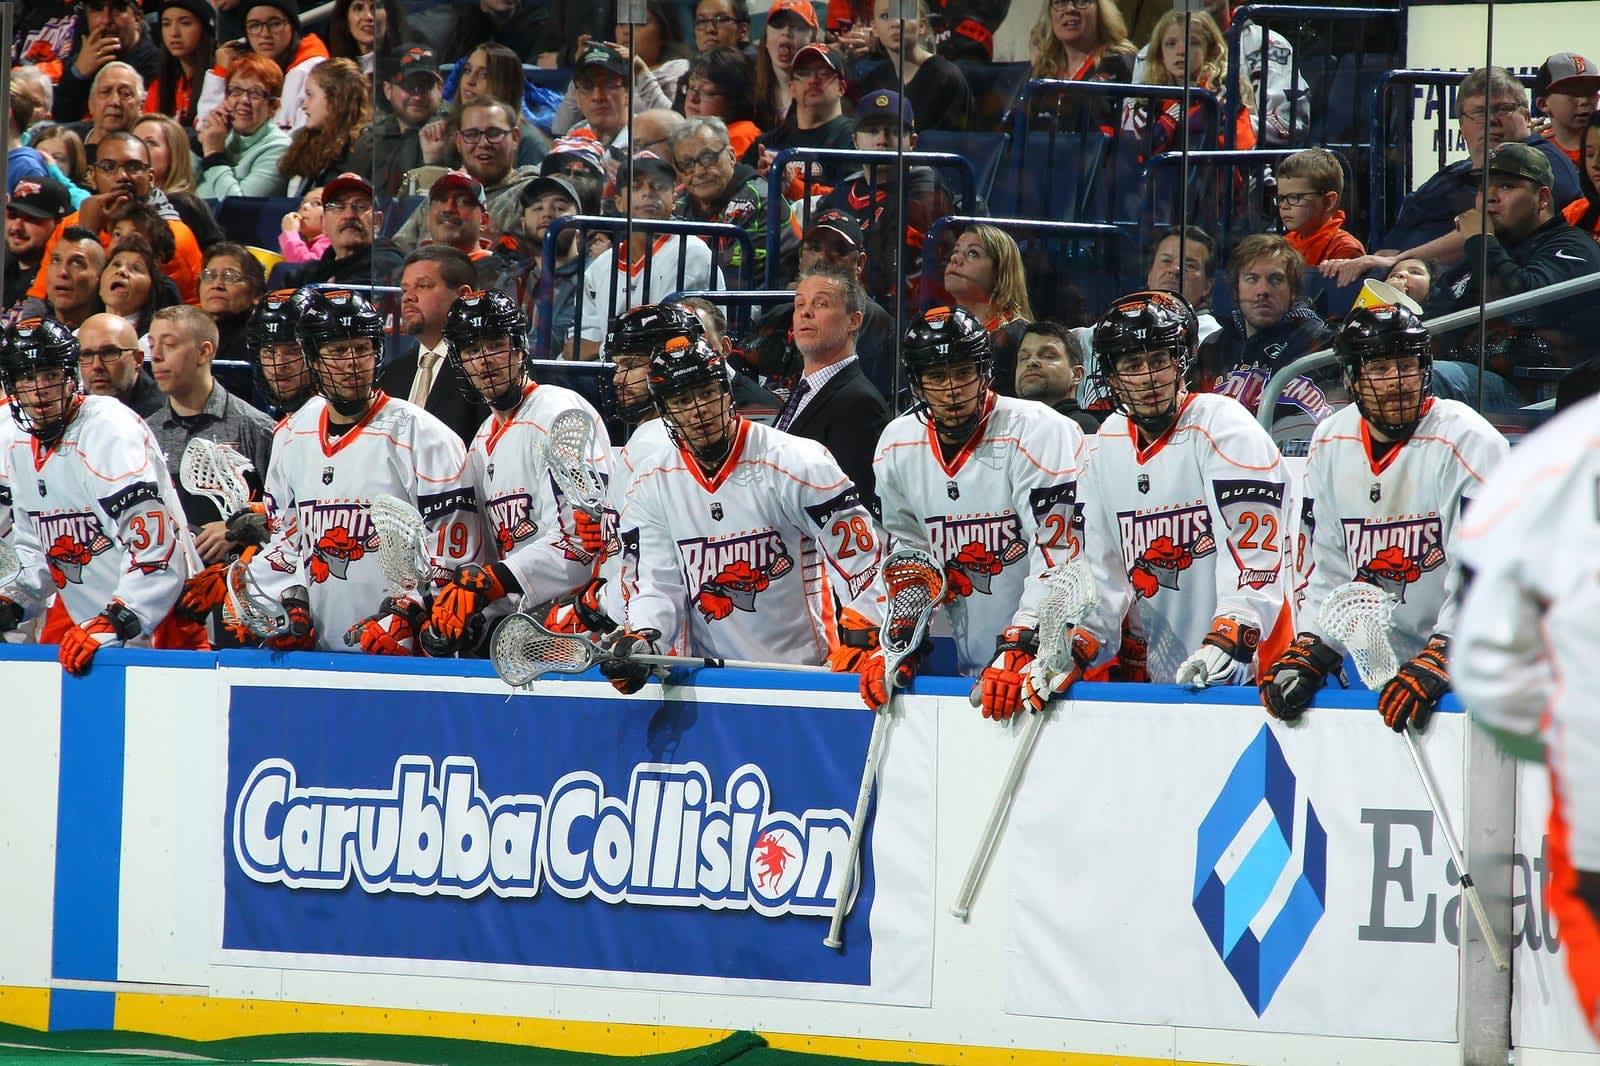 buffalo bandits nll national lacrosse league